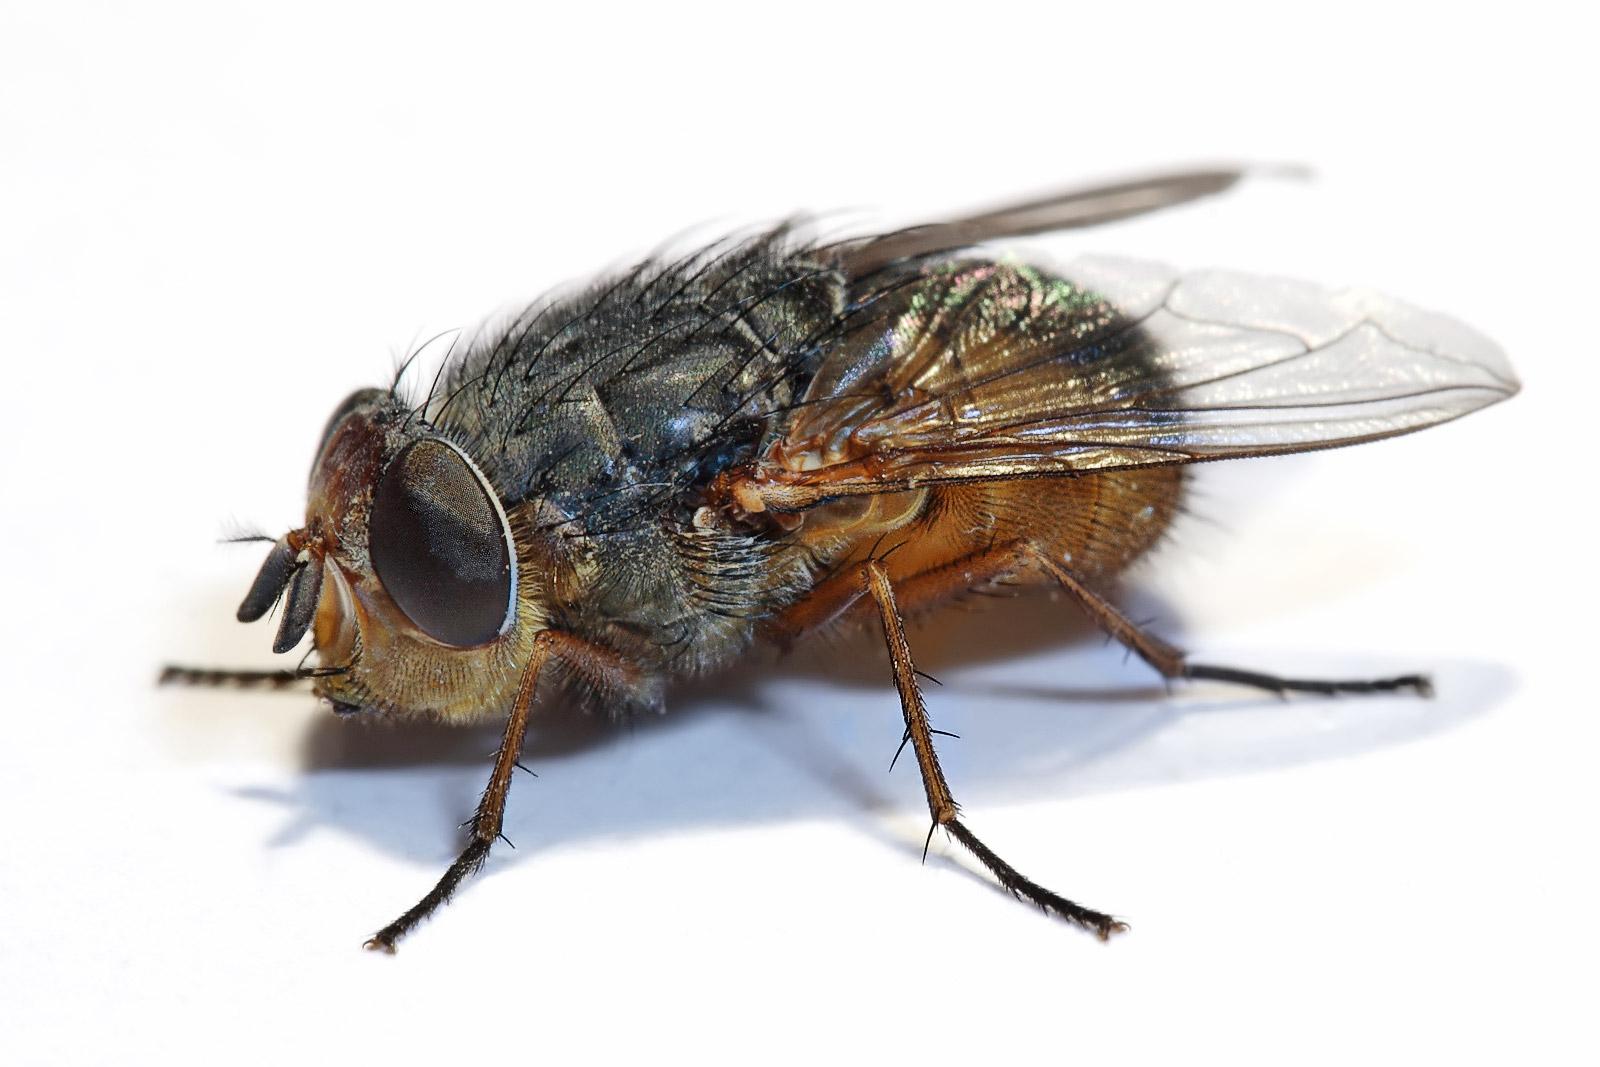 муха фото на белом фоне